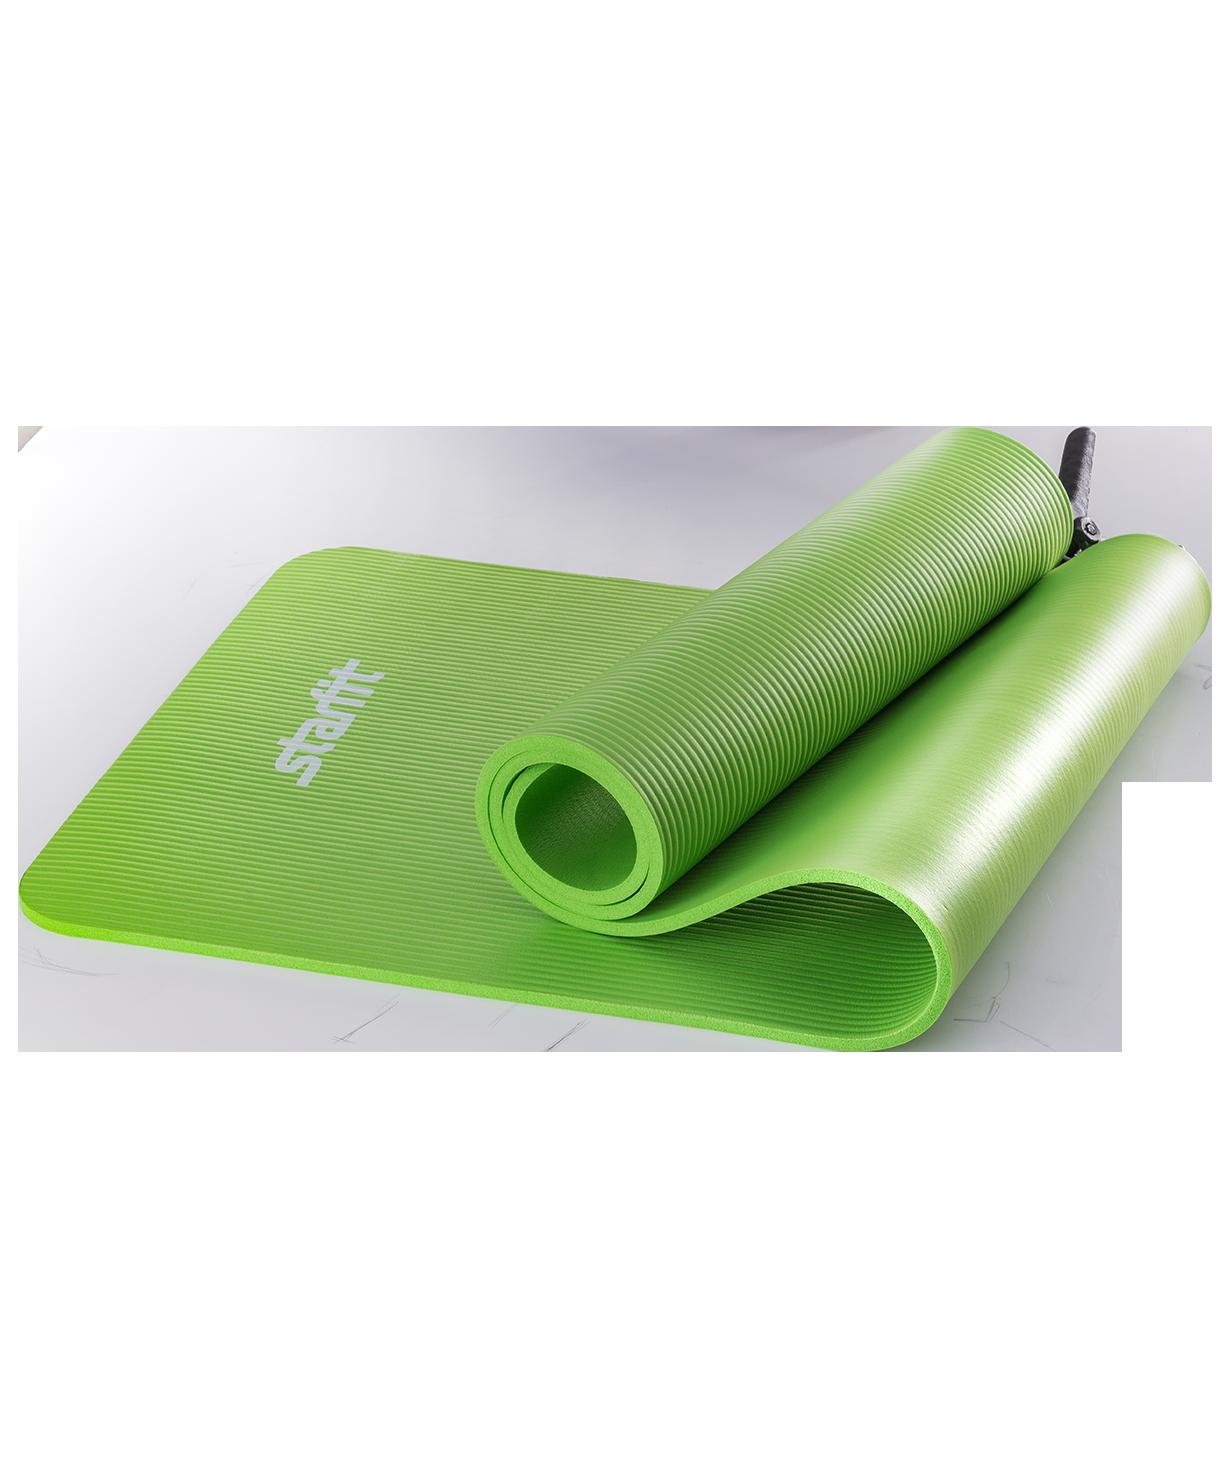 Коврик для йоги и фитнеса Yoga Star 1см (183 см, 1 см, зеленый, 60 см)